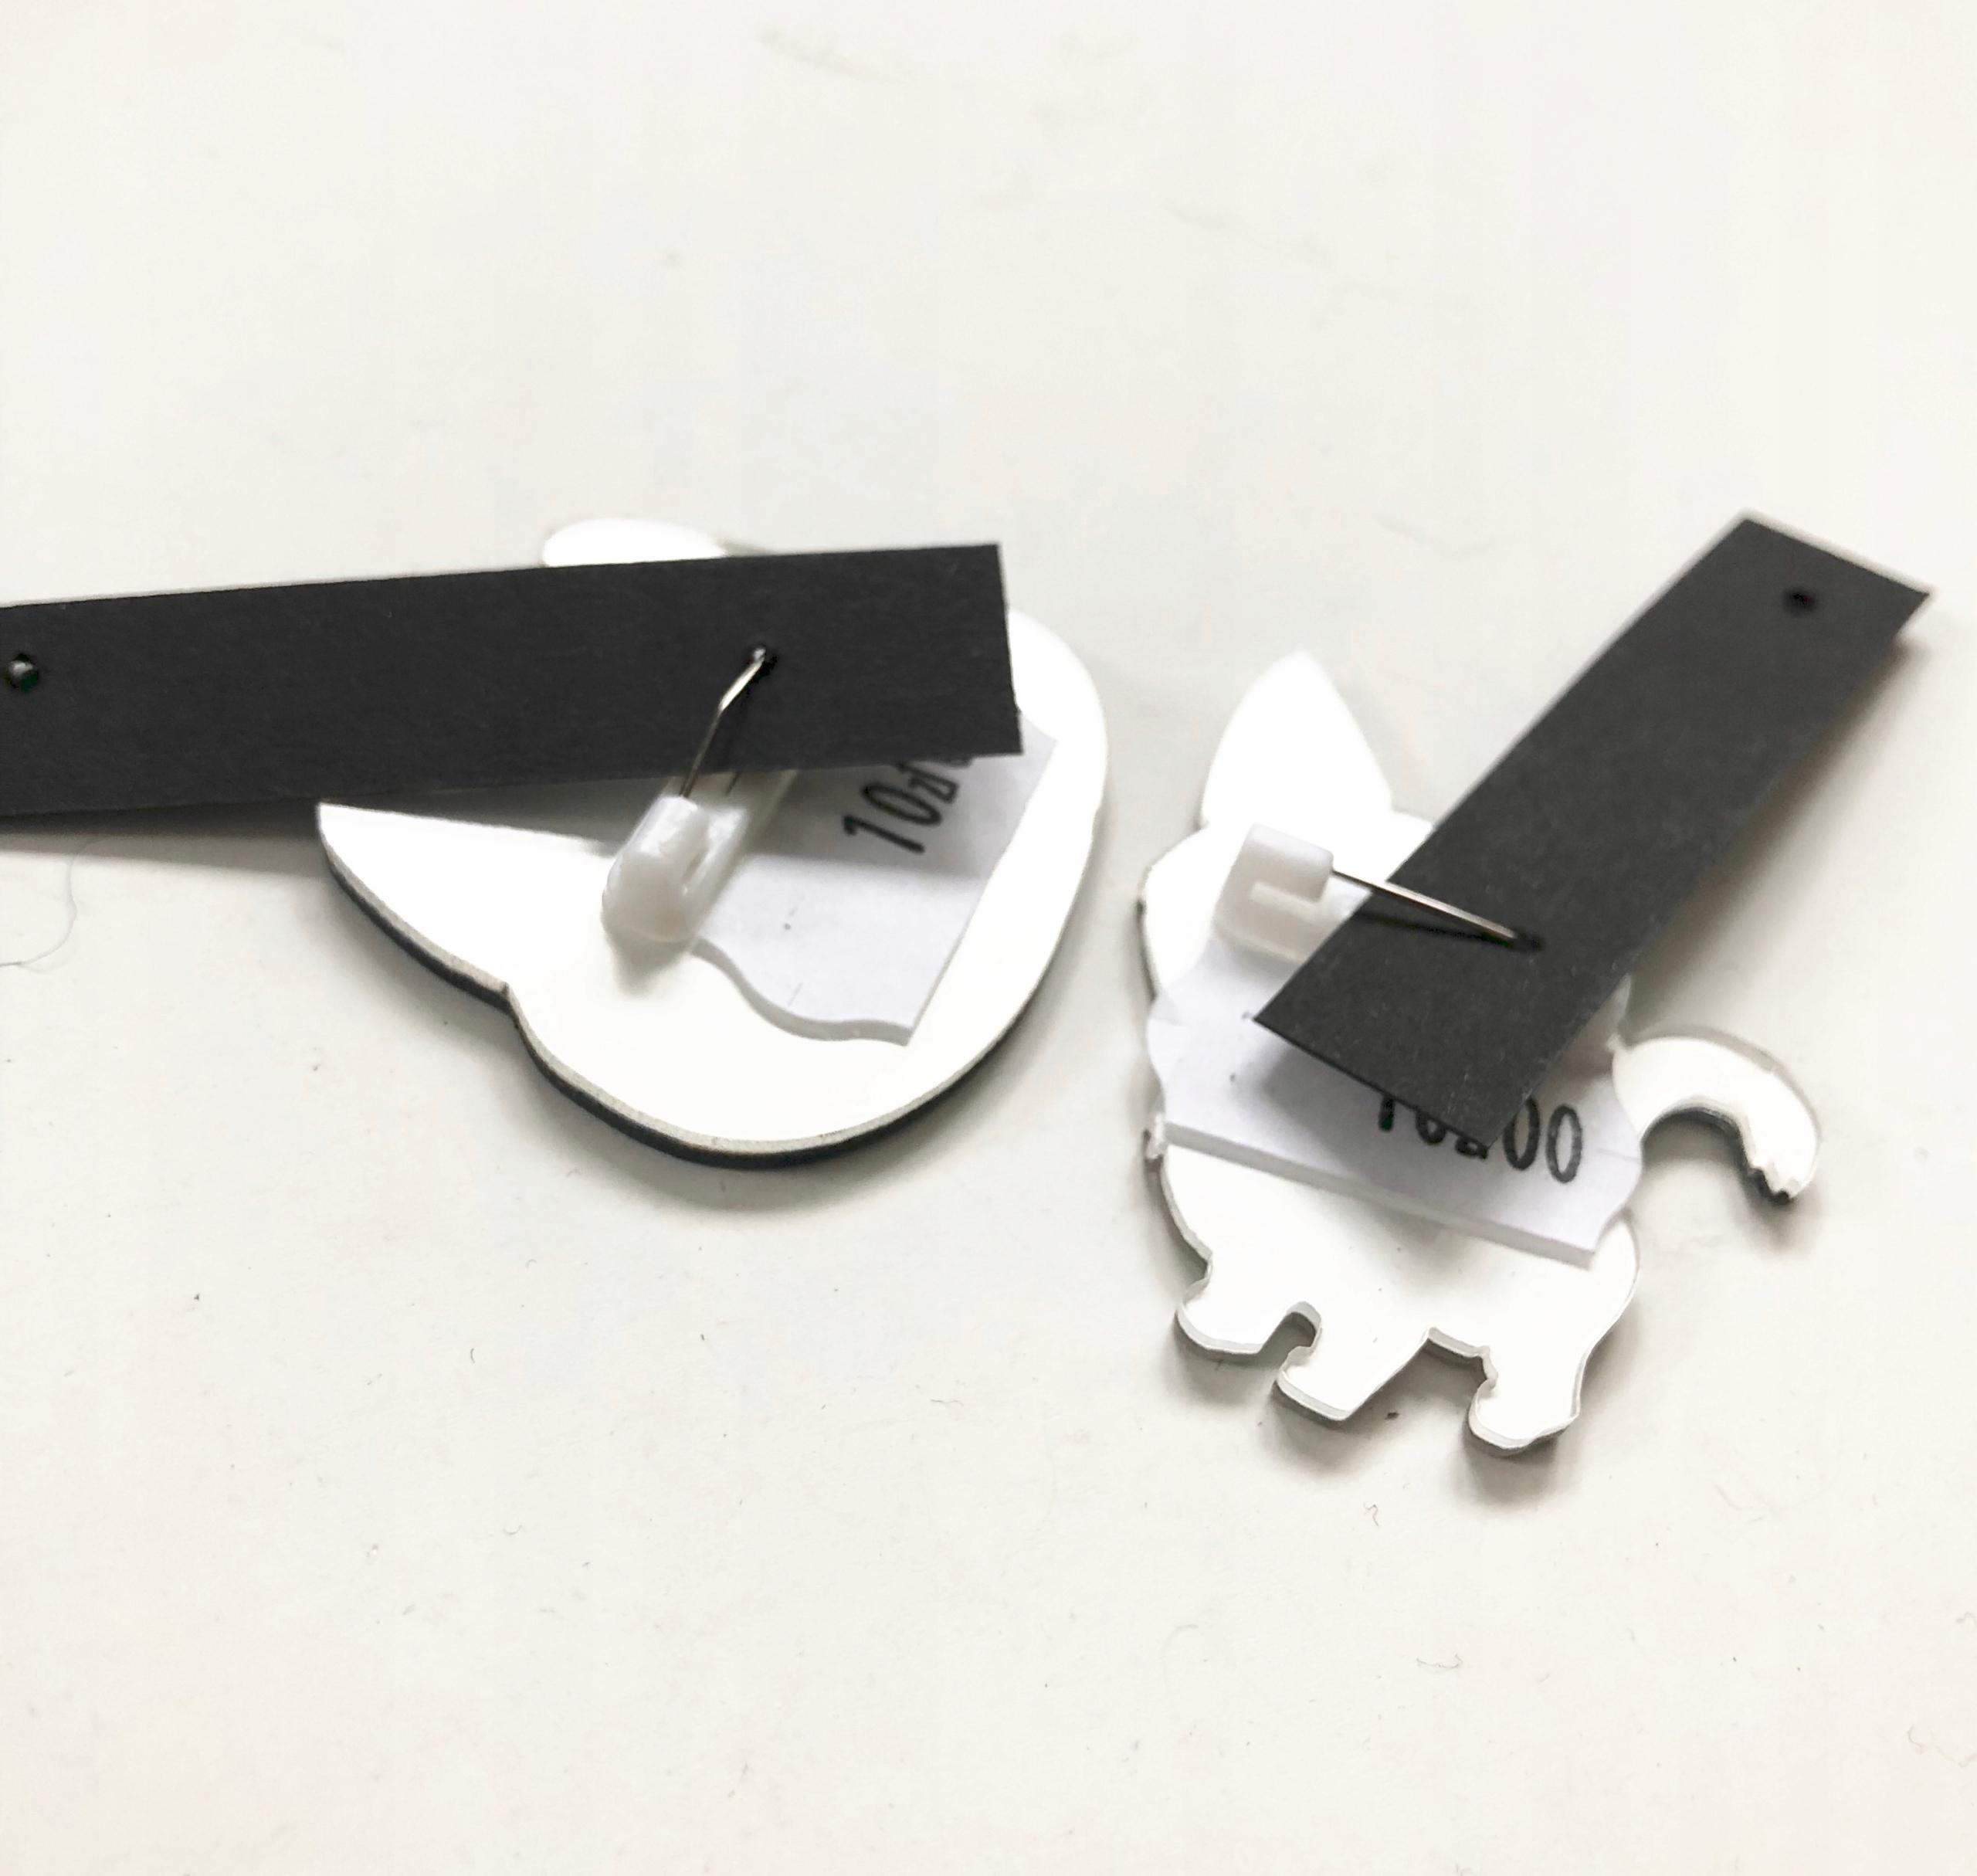 BROSZKA PRZYPINKA pin zestaw 2 szt KOTy duże oczy 9011391098 ISbILBL2